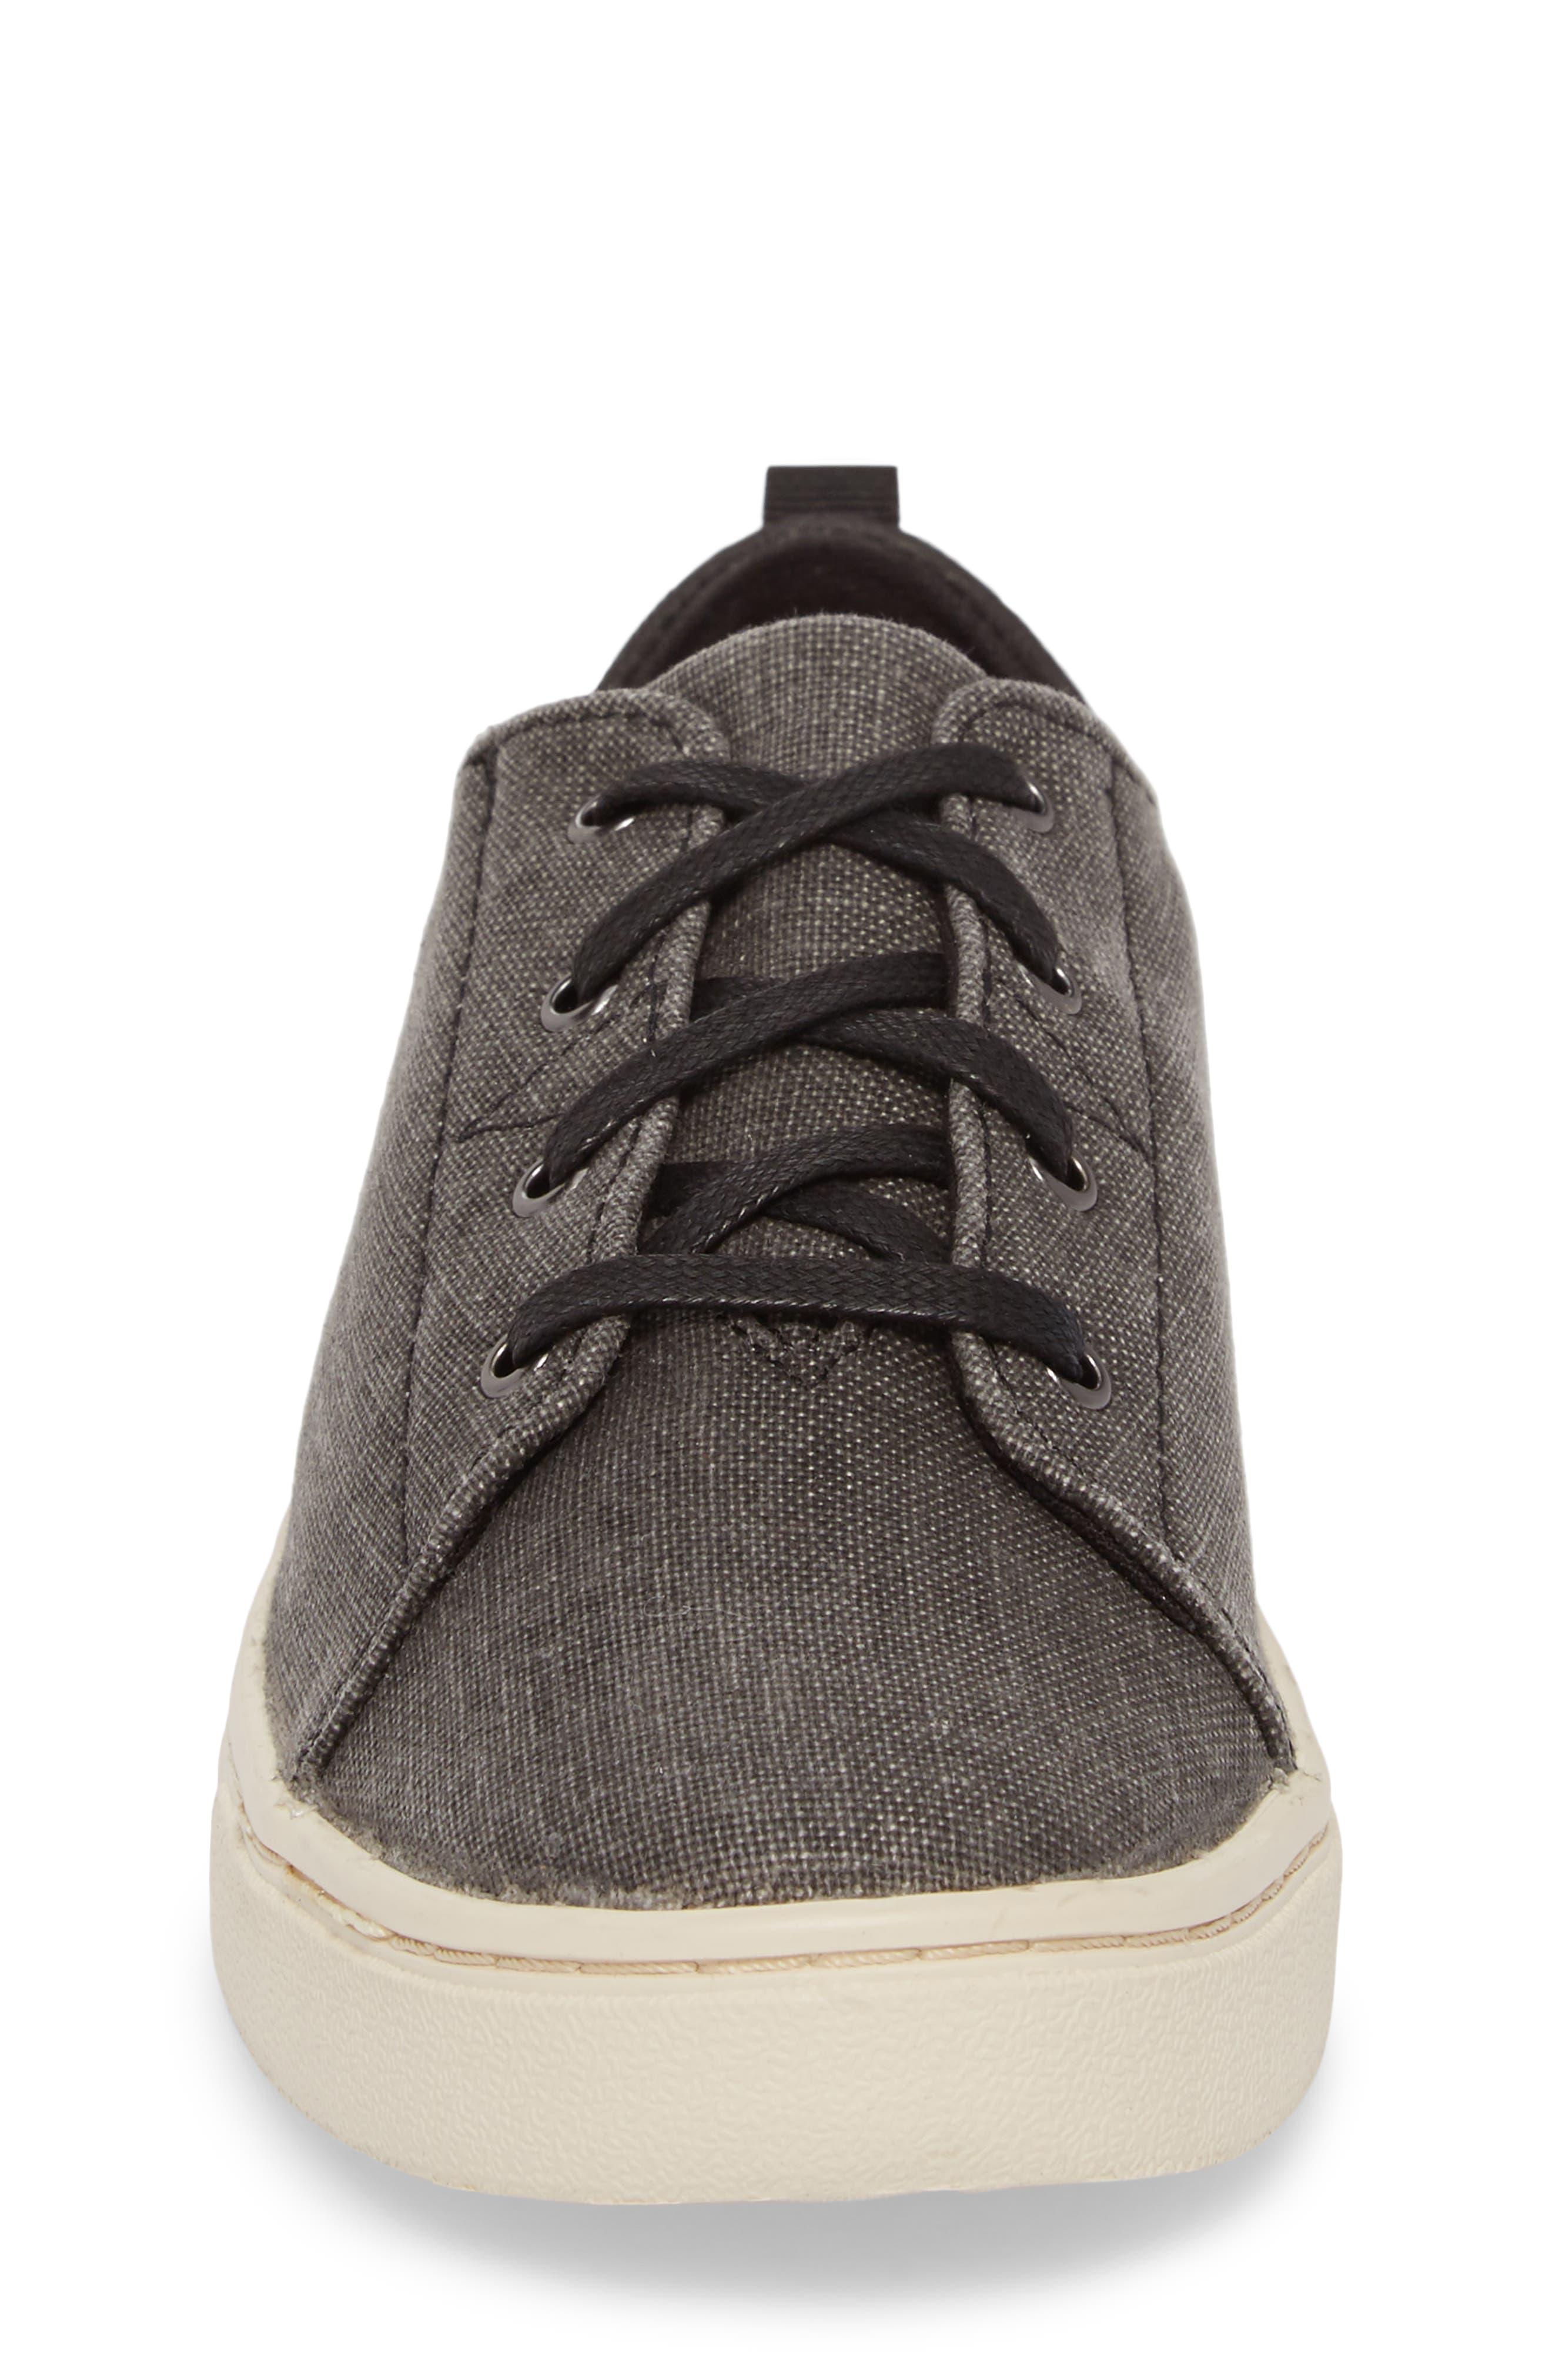 Lenny Sneaker,                             Alternate thumbnail 4, color,                             001